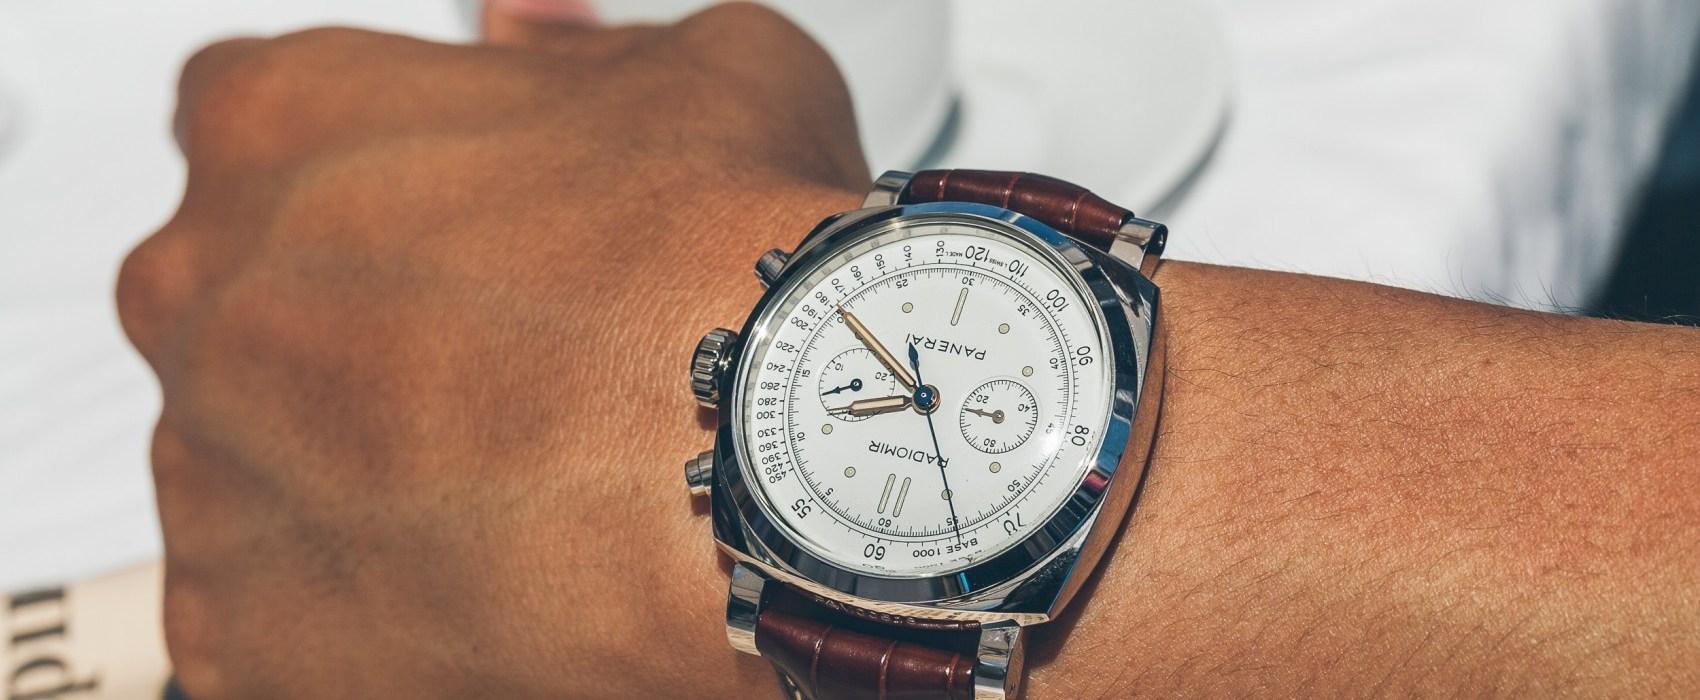 d3bc32dd8 Pokud tedy máte na hlavním ciferníku hodinek tři další malé ciferníky, při  zapnutí chronografu se zapínají automaticky všechny. Jeden měří sekundové  úseky, ...